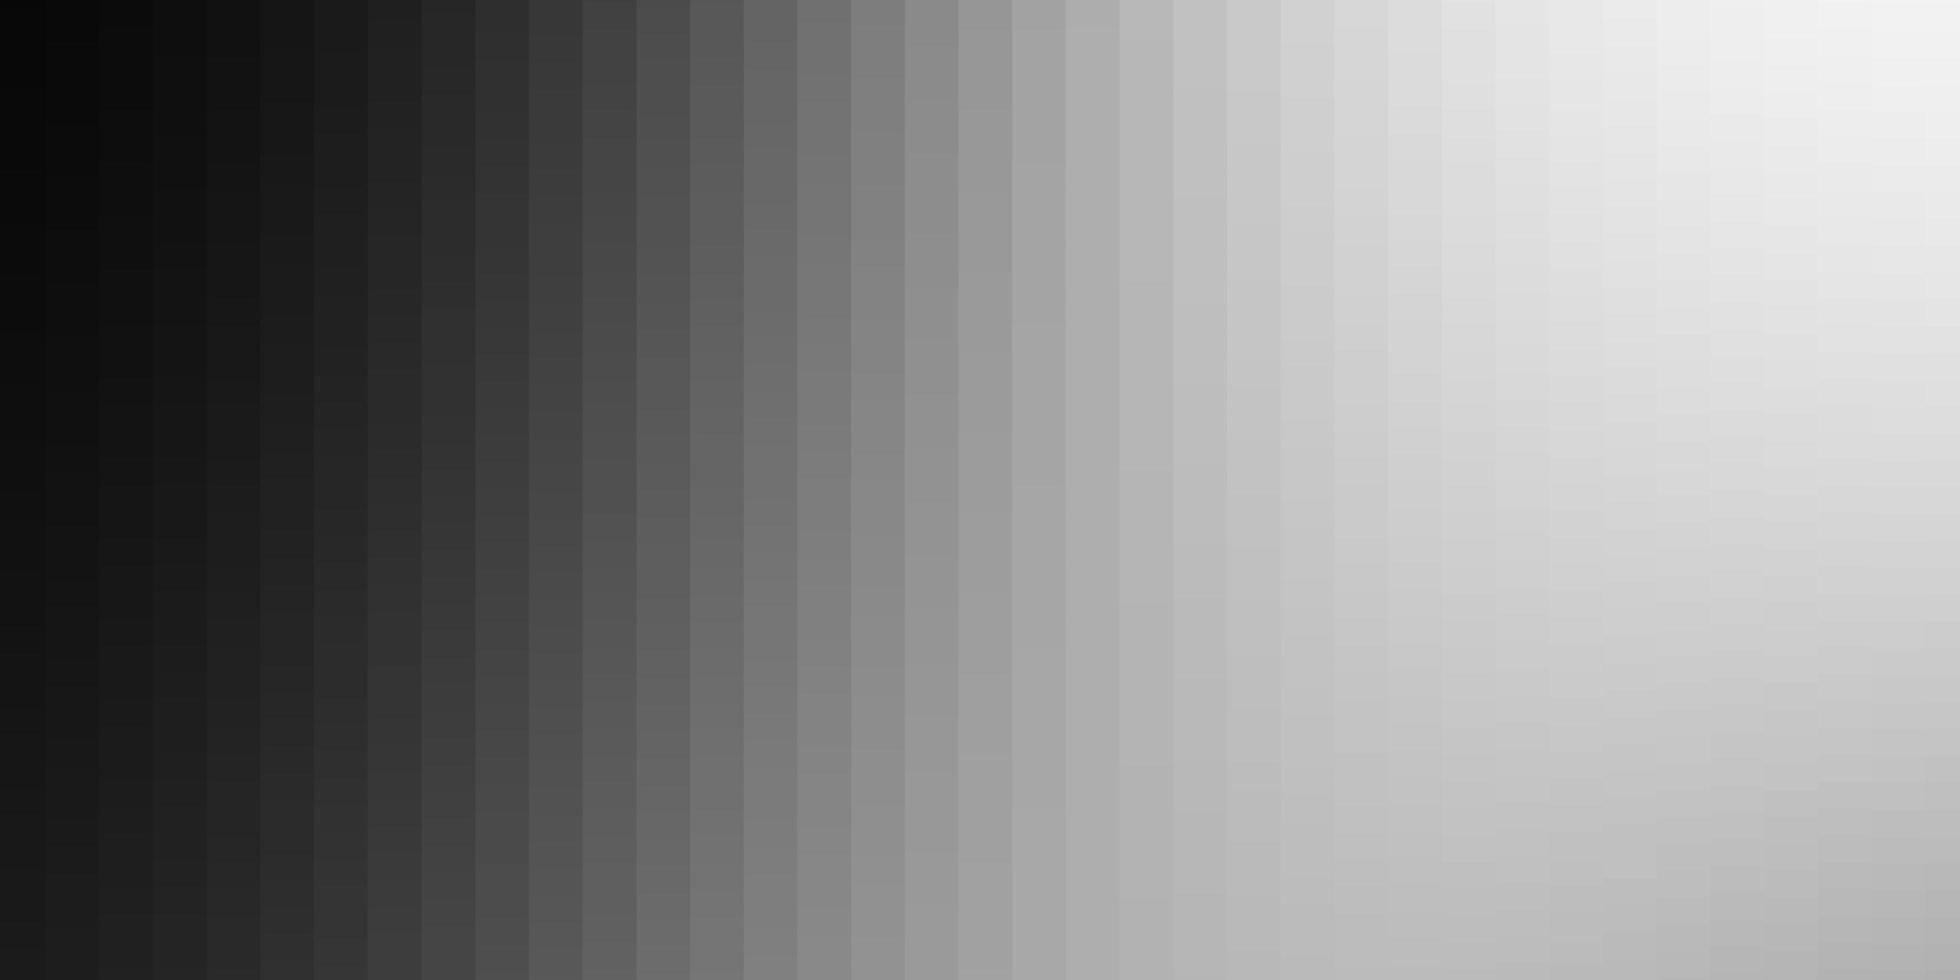 layout grigio chiaro con linee, rettangoli. vettore